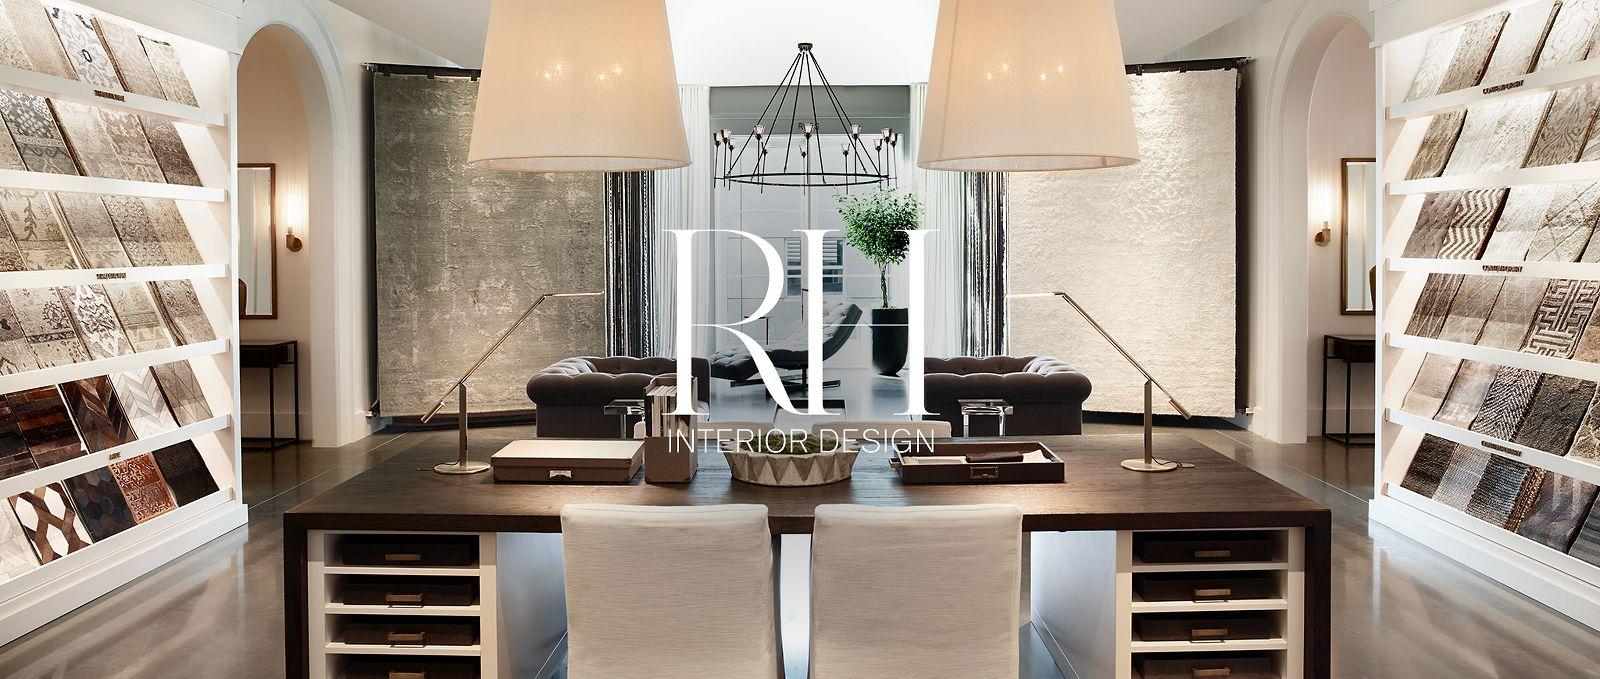 Rh Interior Design